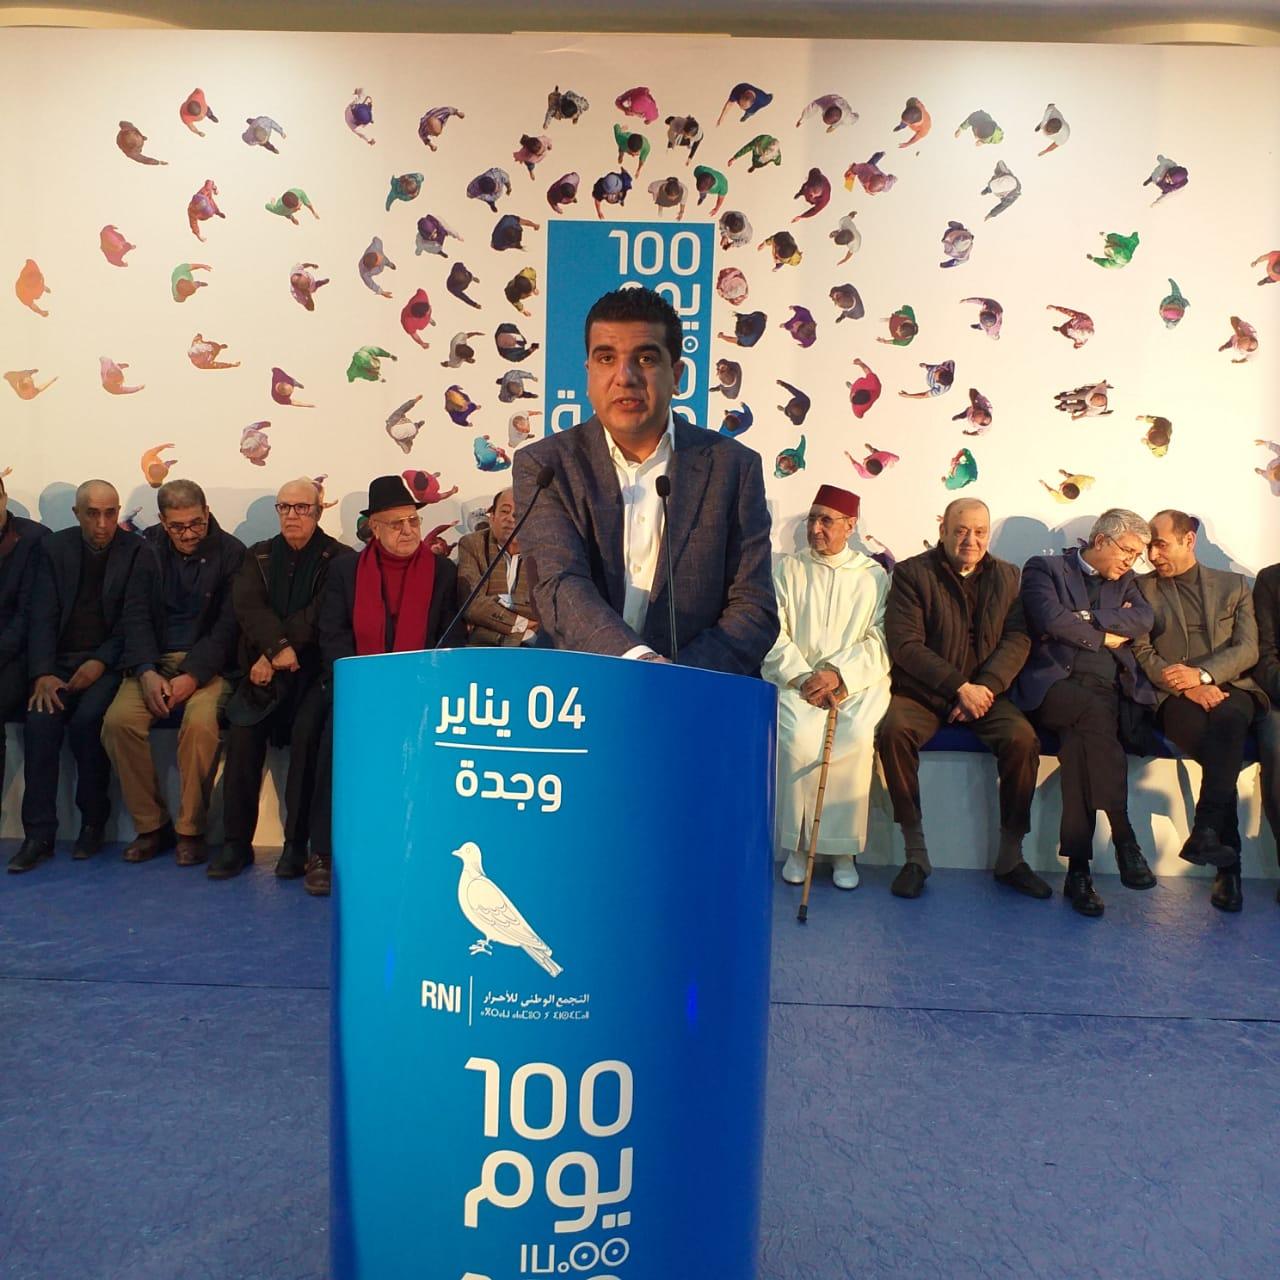 """حزب الحمامة يواصل من وجدة تنزيل برنامج الإنصات والتواصل المعروف بـ""""برنامج 100 يوم 100 مدينة"""